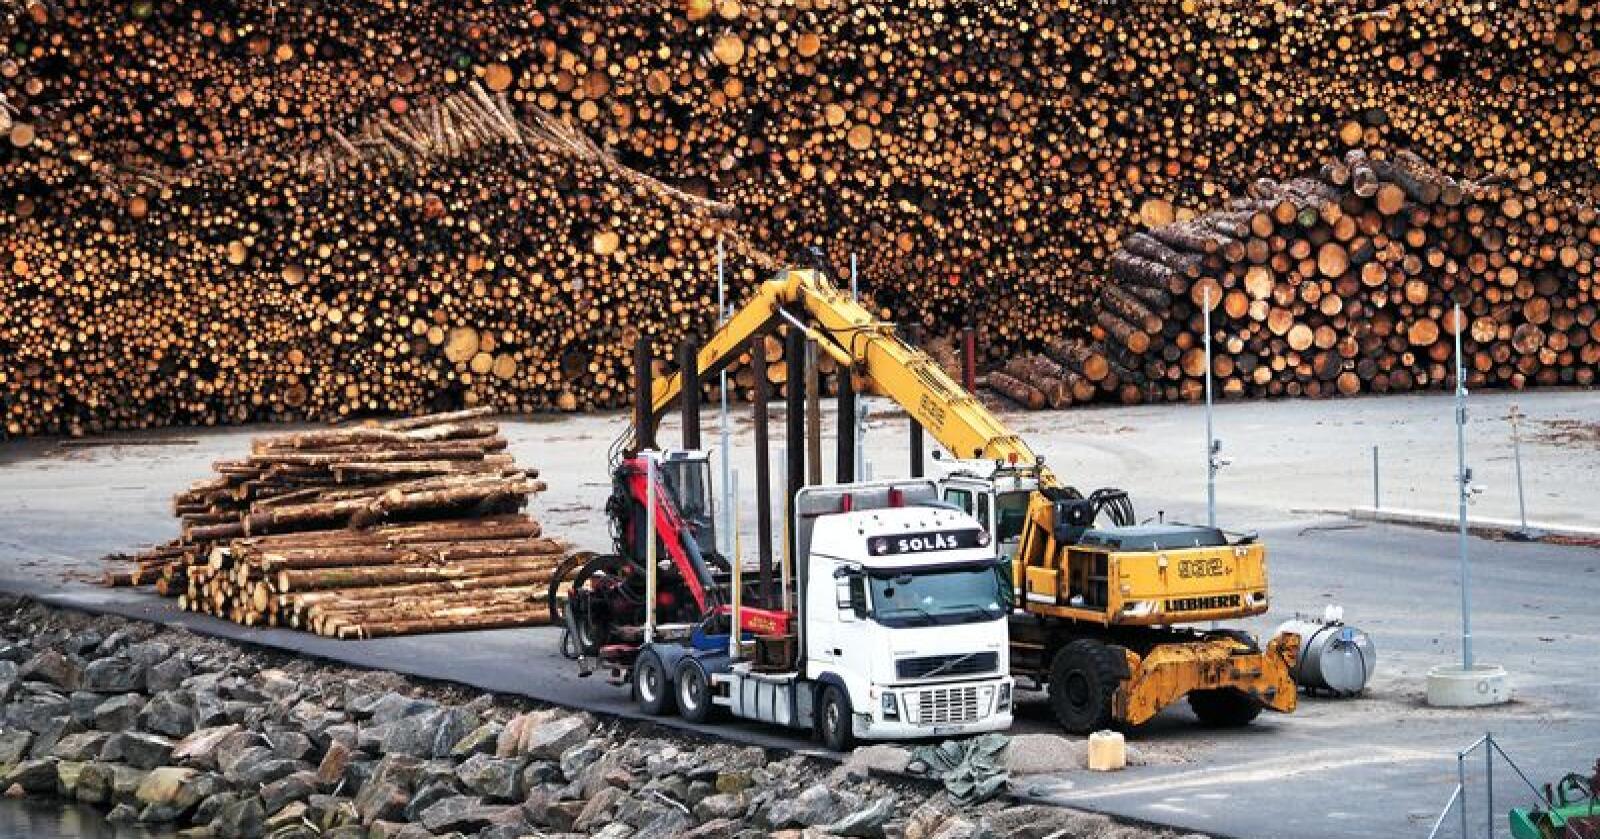 Tømmerkaien i Mandal var ferdig i 2018, og blir omtalt som en av landets fineste. Foto: Siri Juell Rasmussen